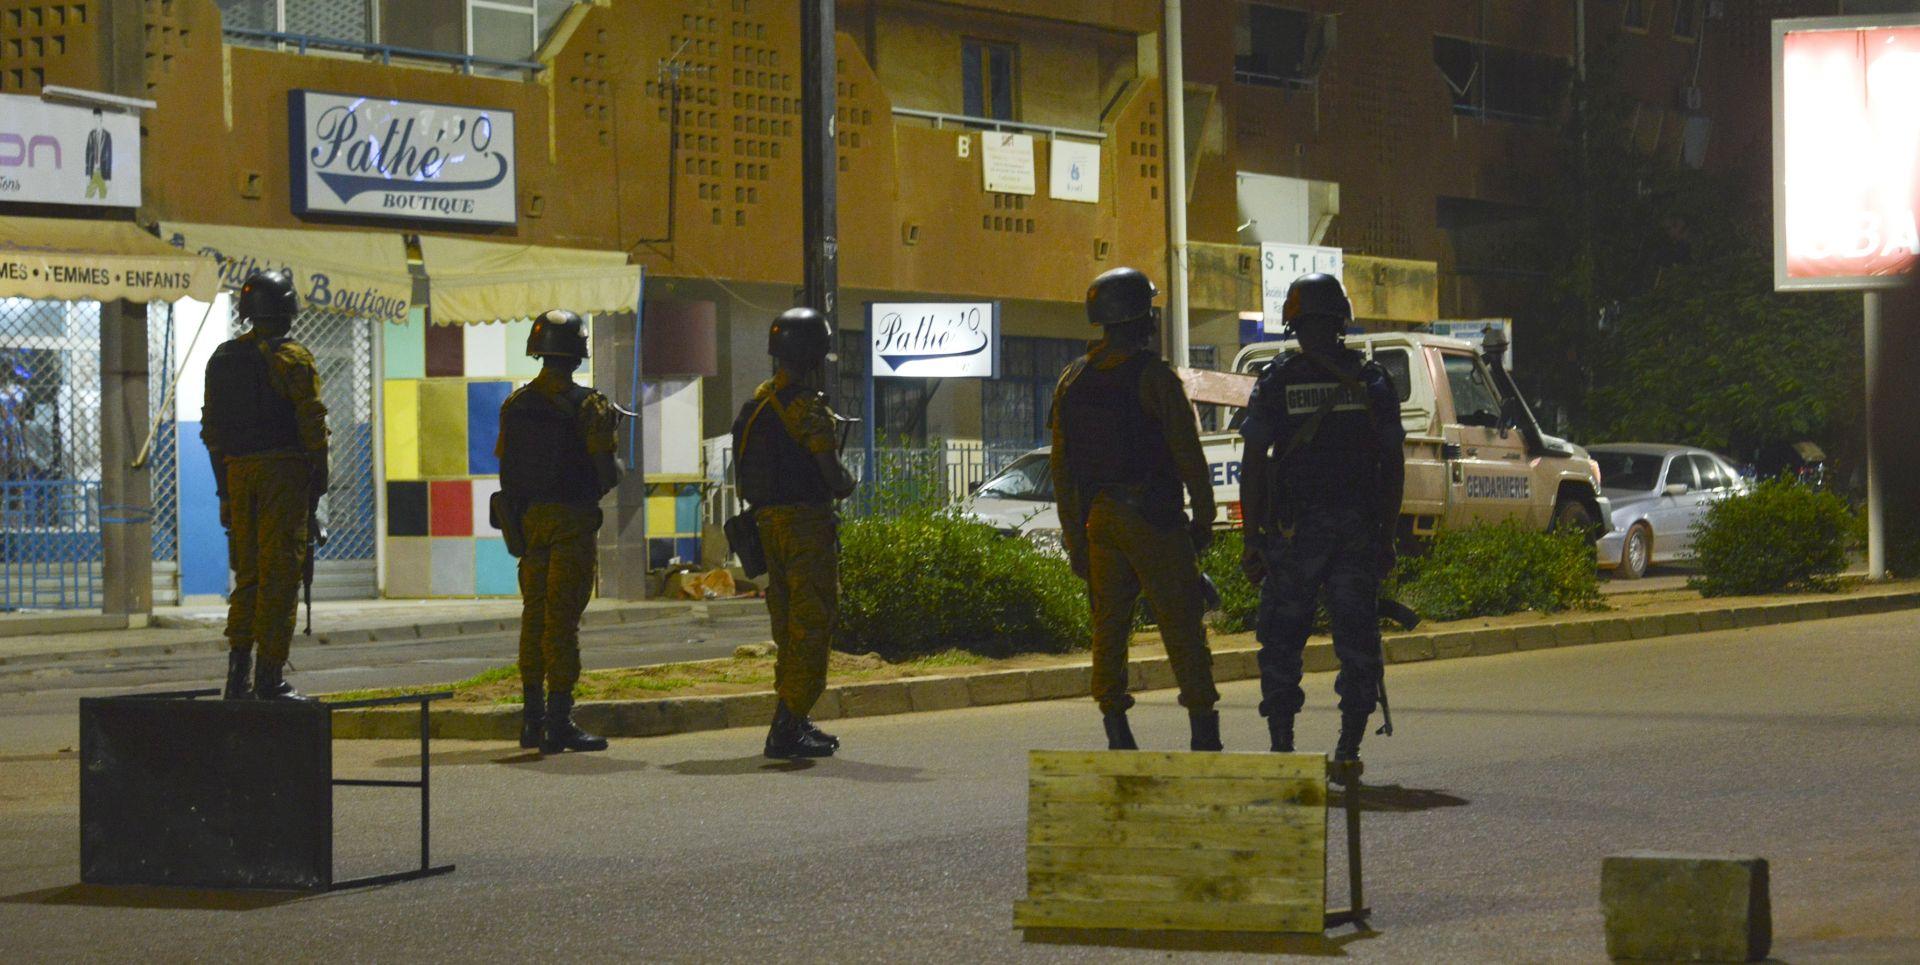 BURKINA FASO U oružanom napadu ubijeno 20 ljudi, među njima i dva napadača